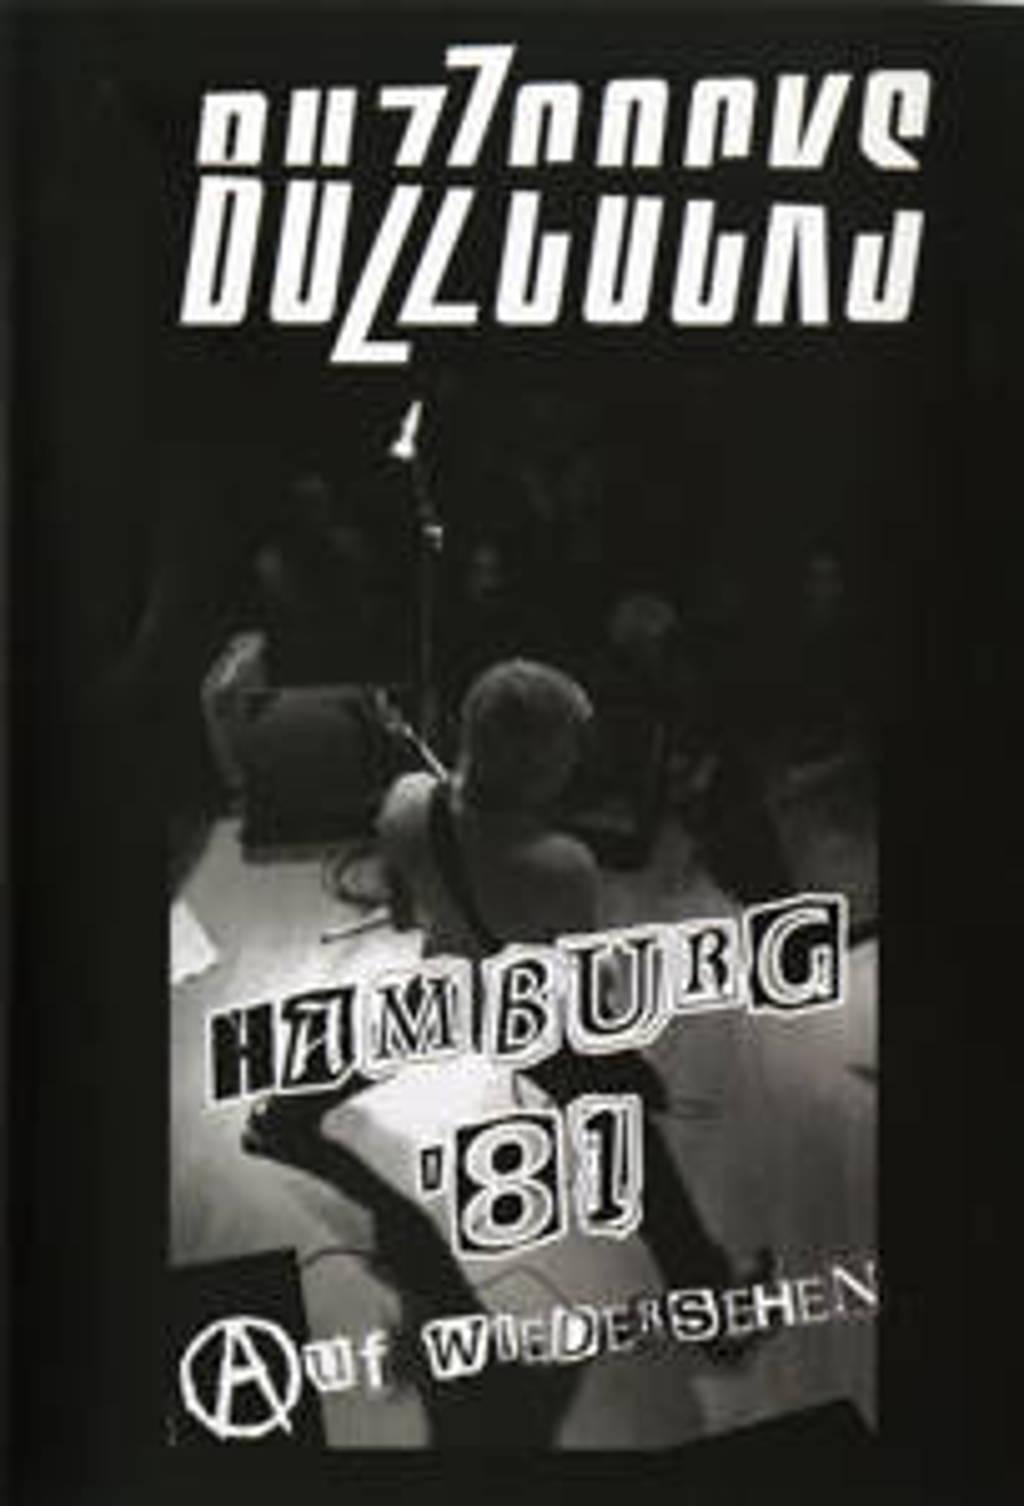 Buzzcocks - Hamburg'81-Auf Wiedersehen (DVD)